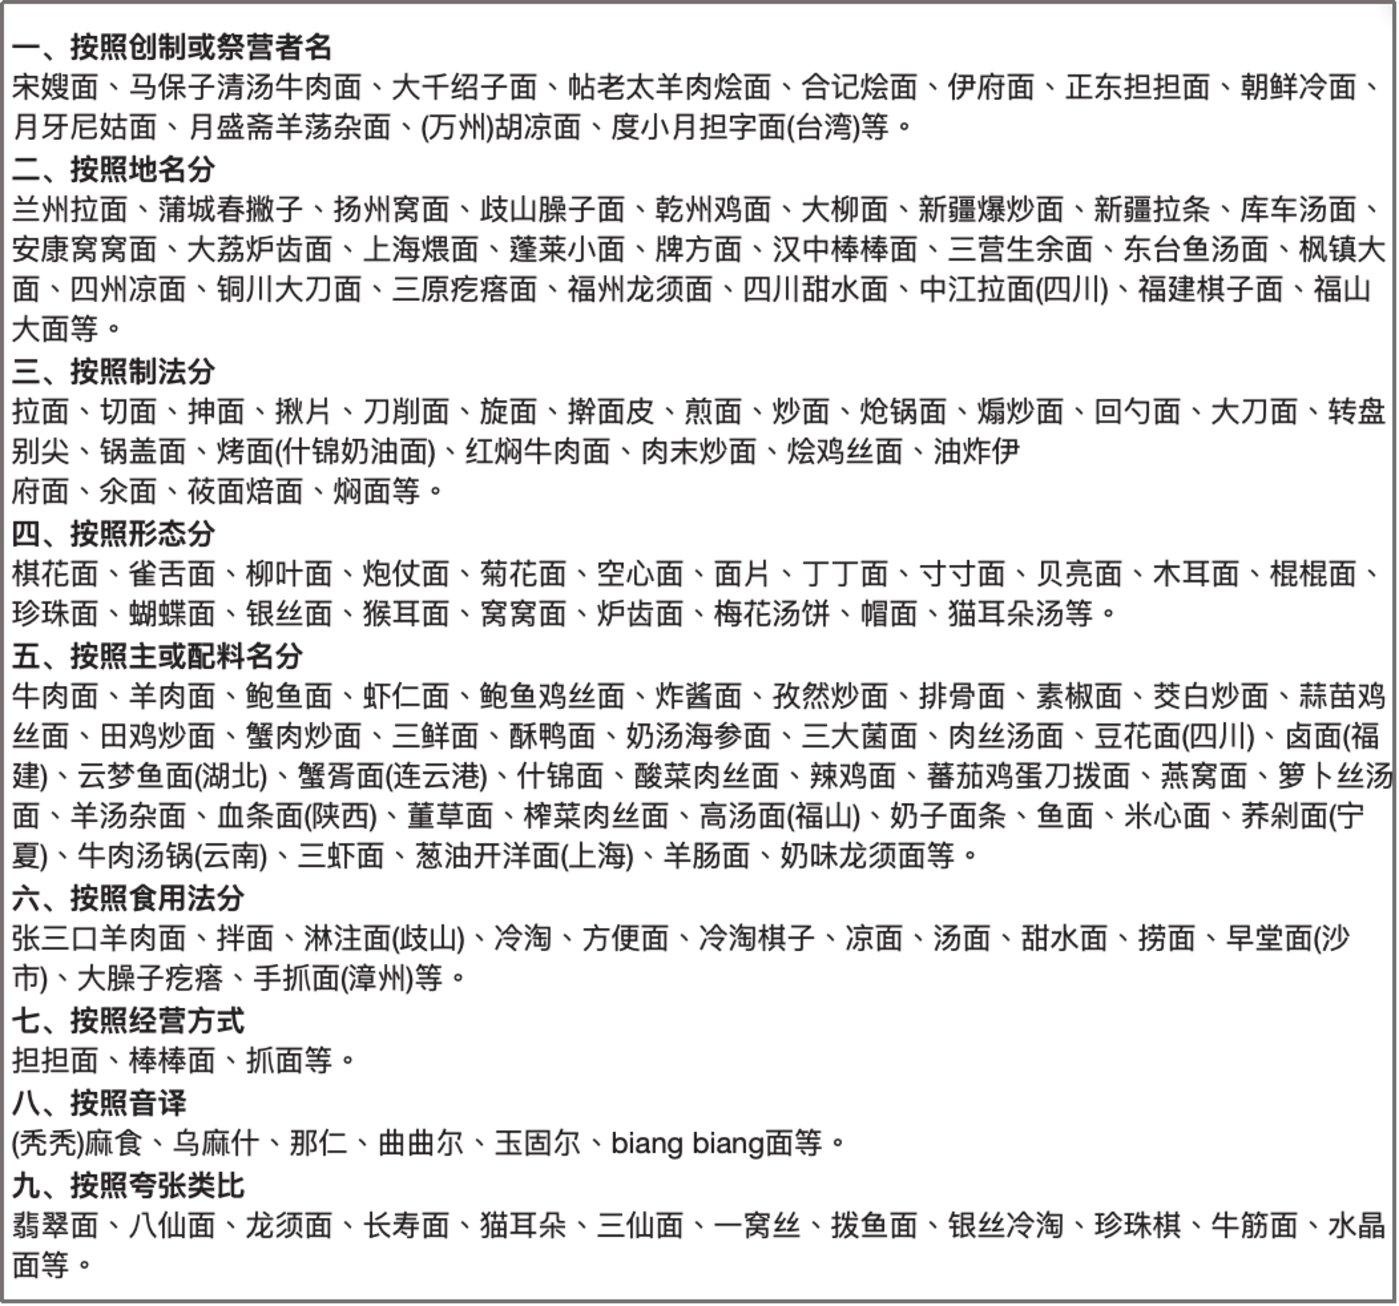 面条分类,图/《中国面条文化的魅力》,马兴仁